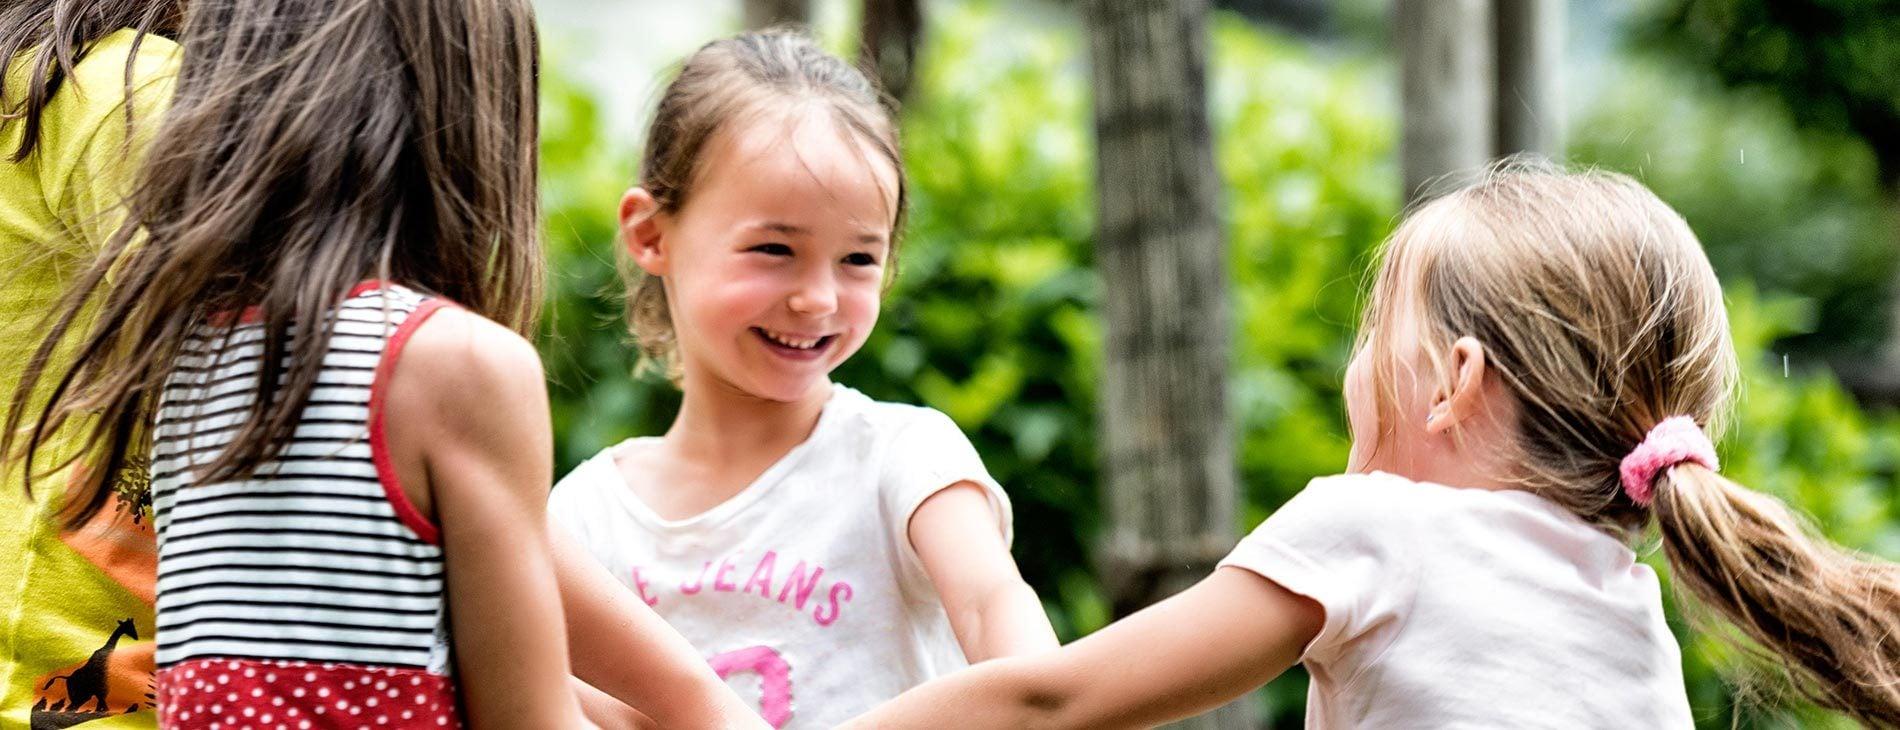 Familien-Freuden und Kinderlachen